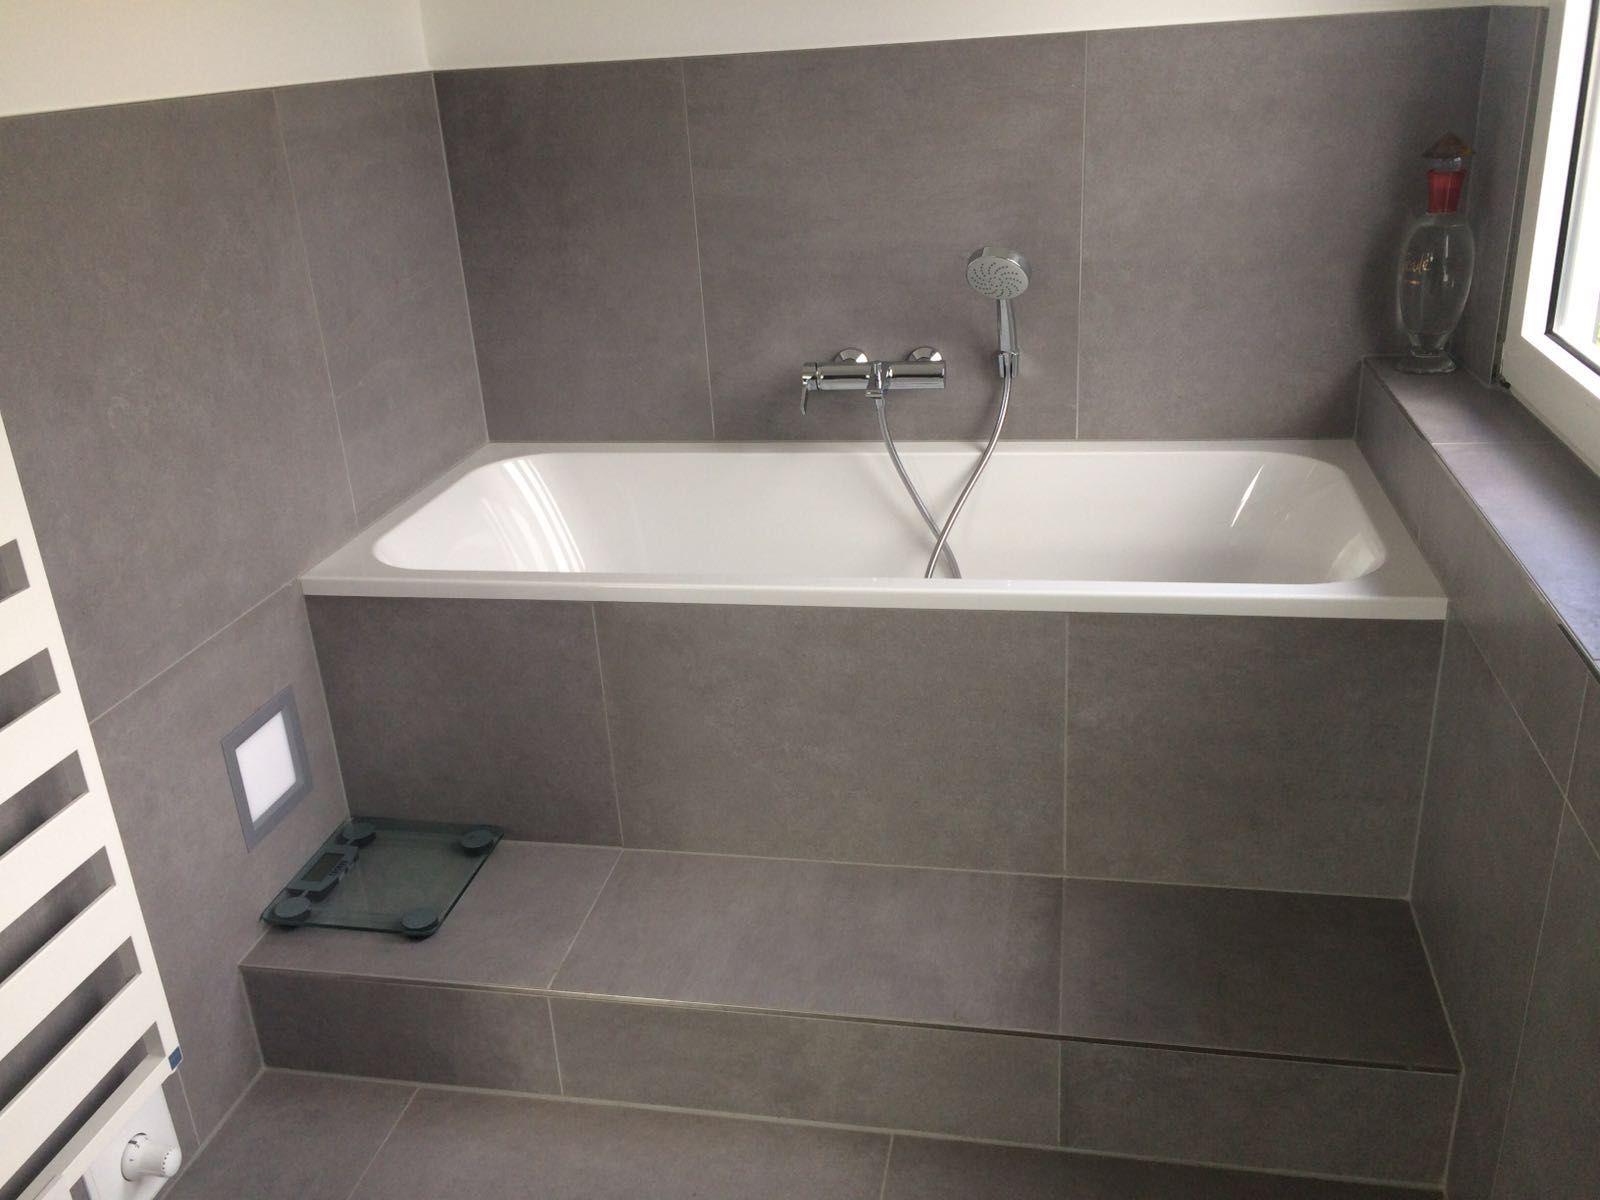 Badezimmer Fliesen Grau Badewanne Fliesen Betonoptik Badezimmer Fliesen Grau Badezimmer Fliesen Badezimmer